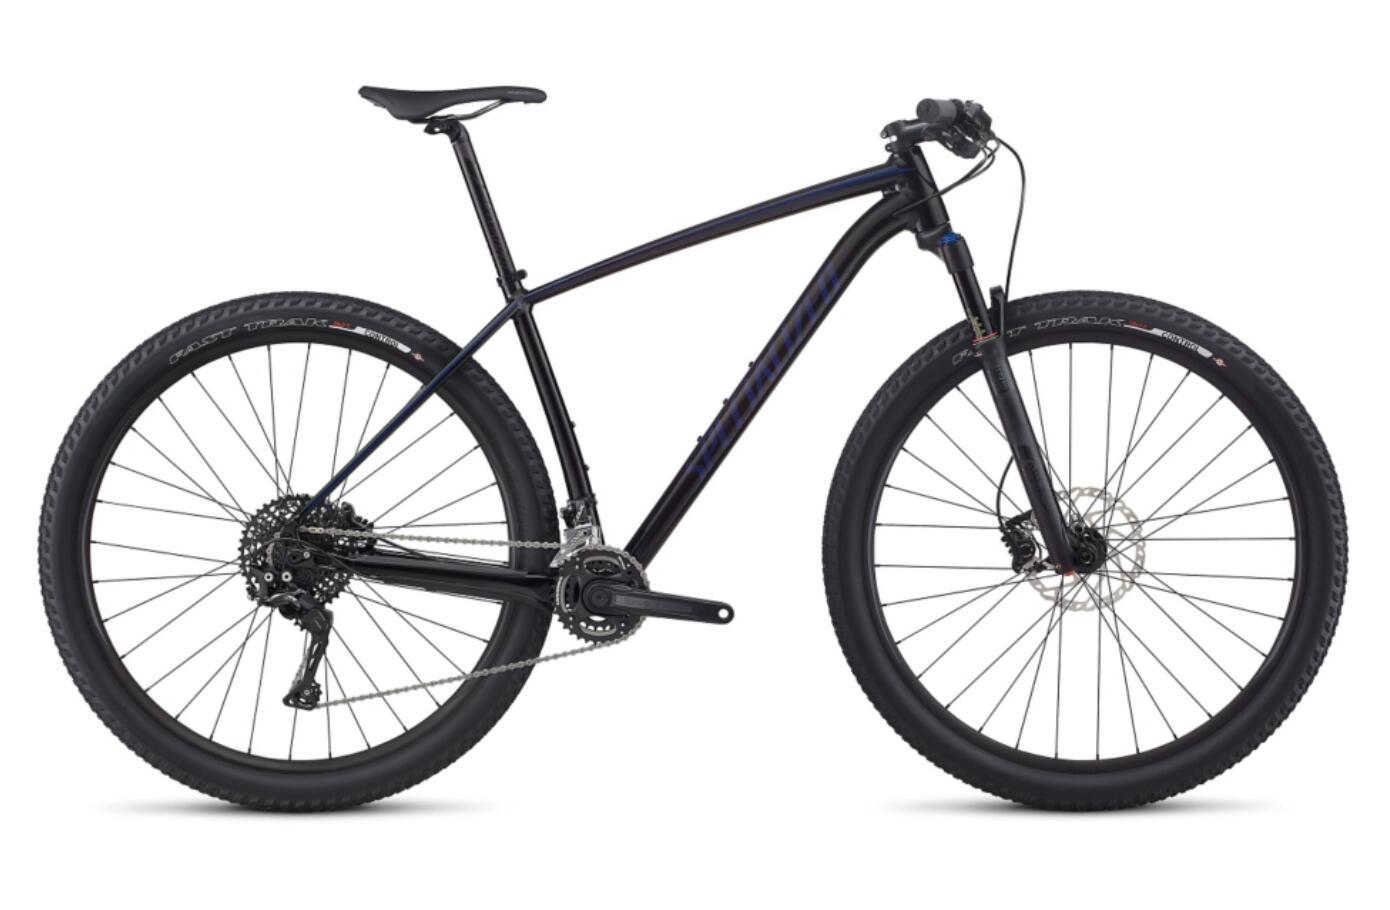 2017 Epic Hardtail Alloy Mountain Bike